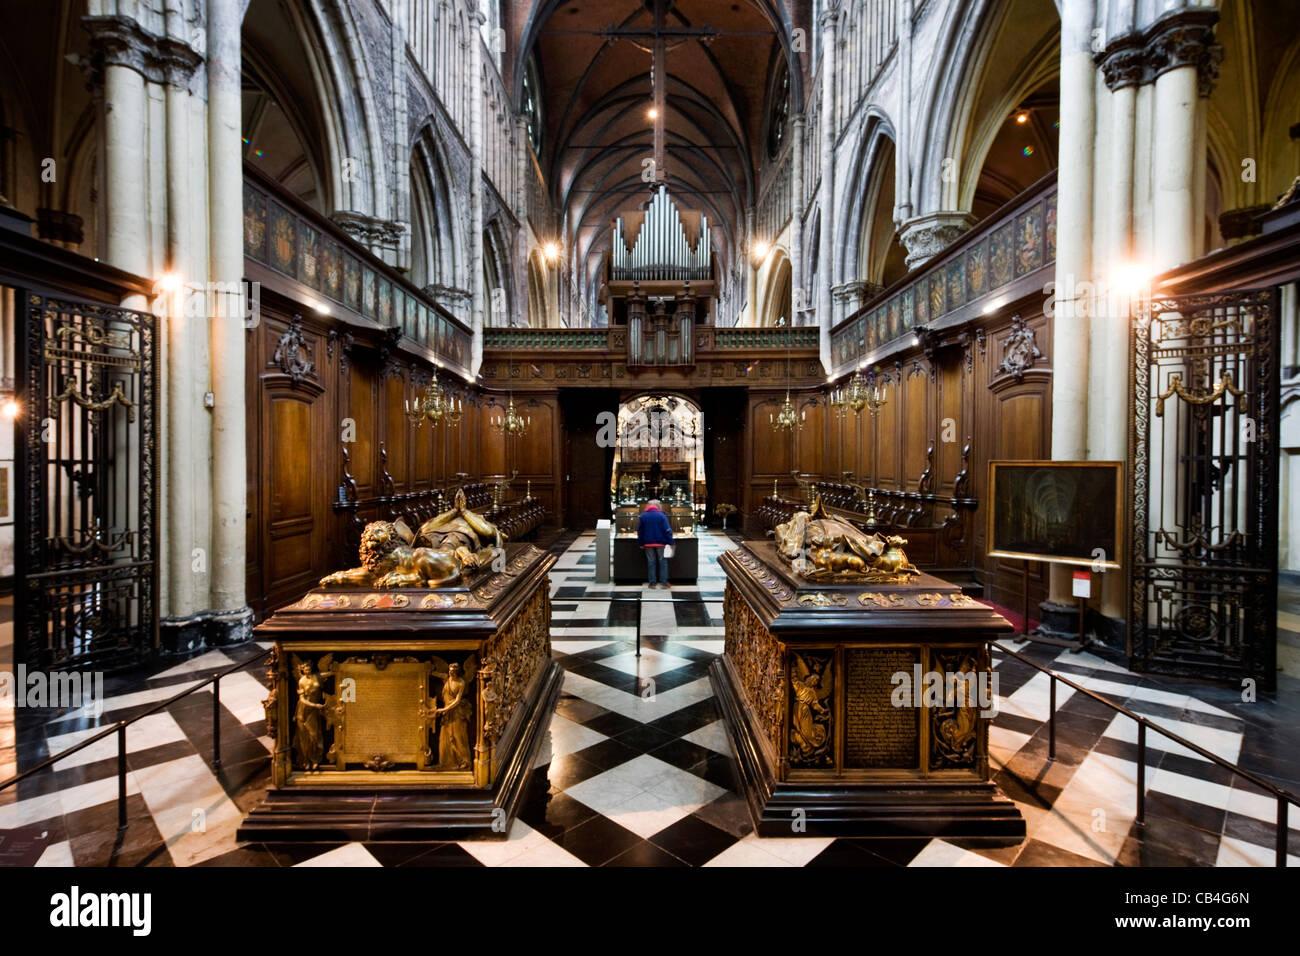 Le tombe di Maria di Borgogna e di Carlo il Temerario nella chiesa di Nostra Signora a Bruges, Belgio Foto Stock